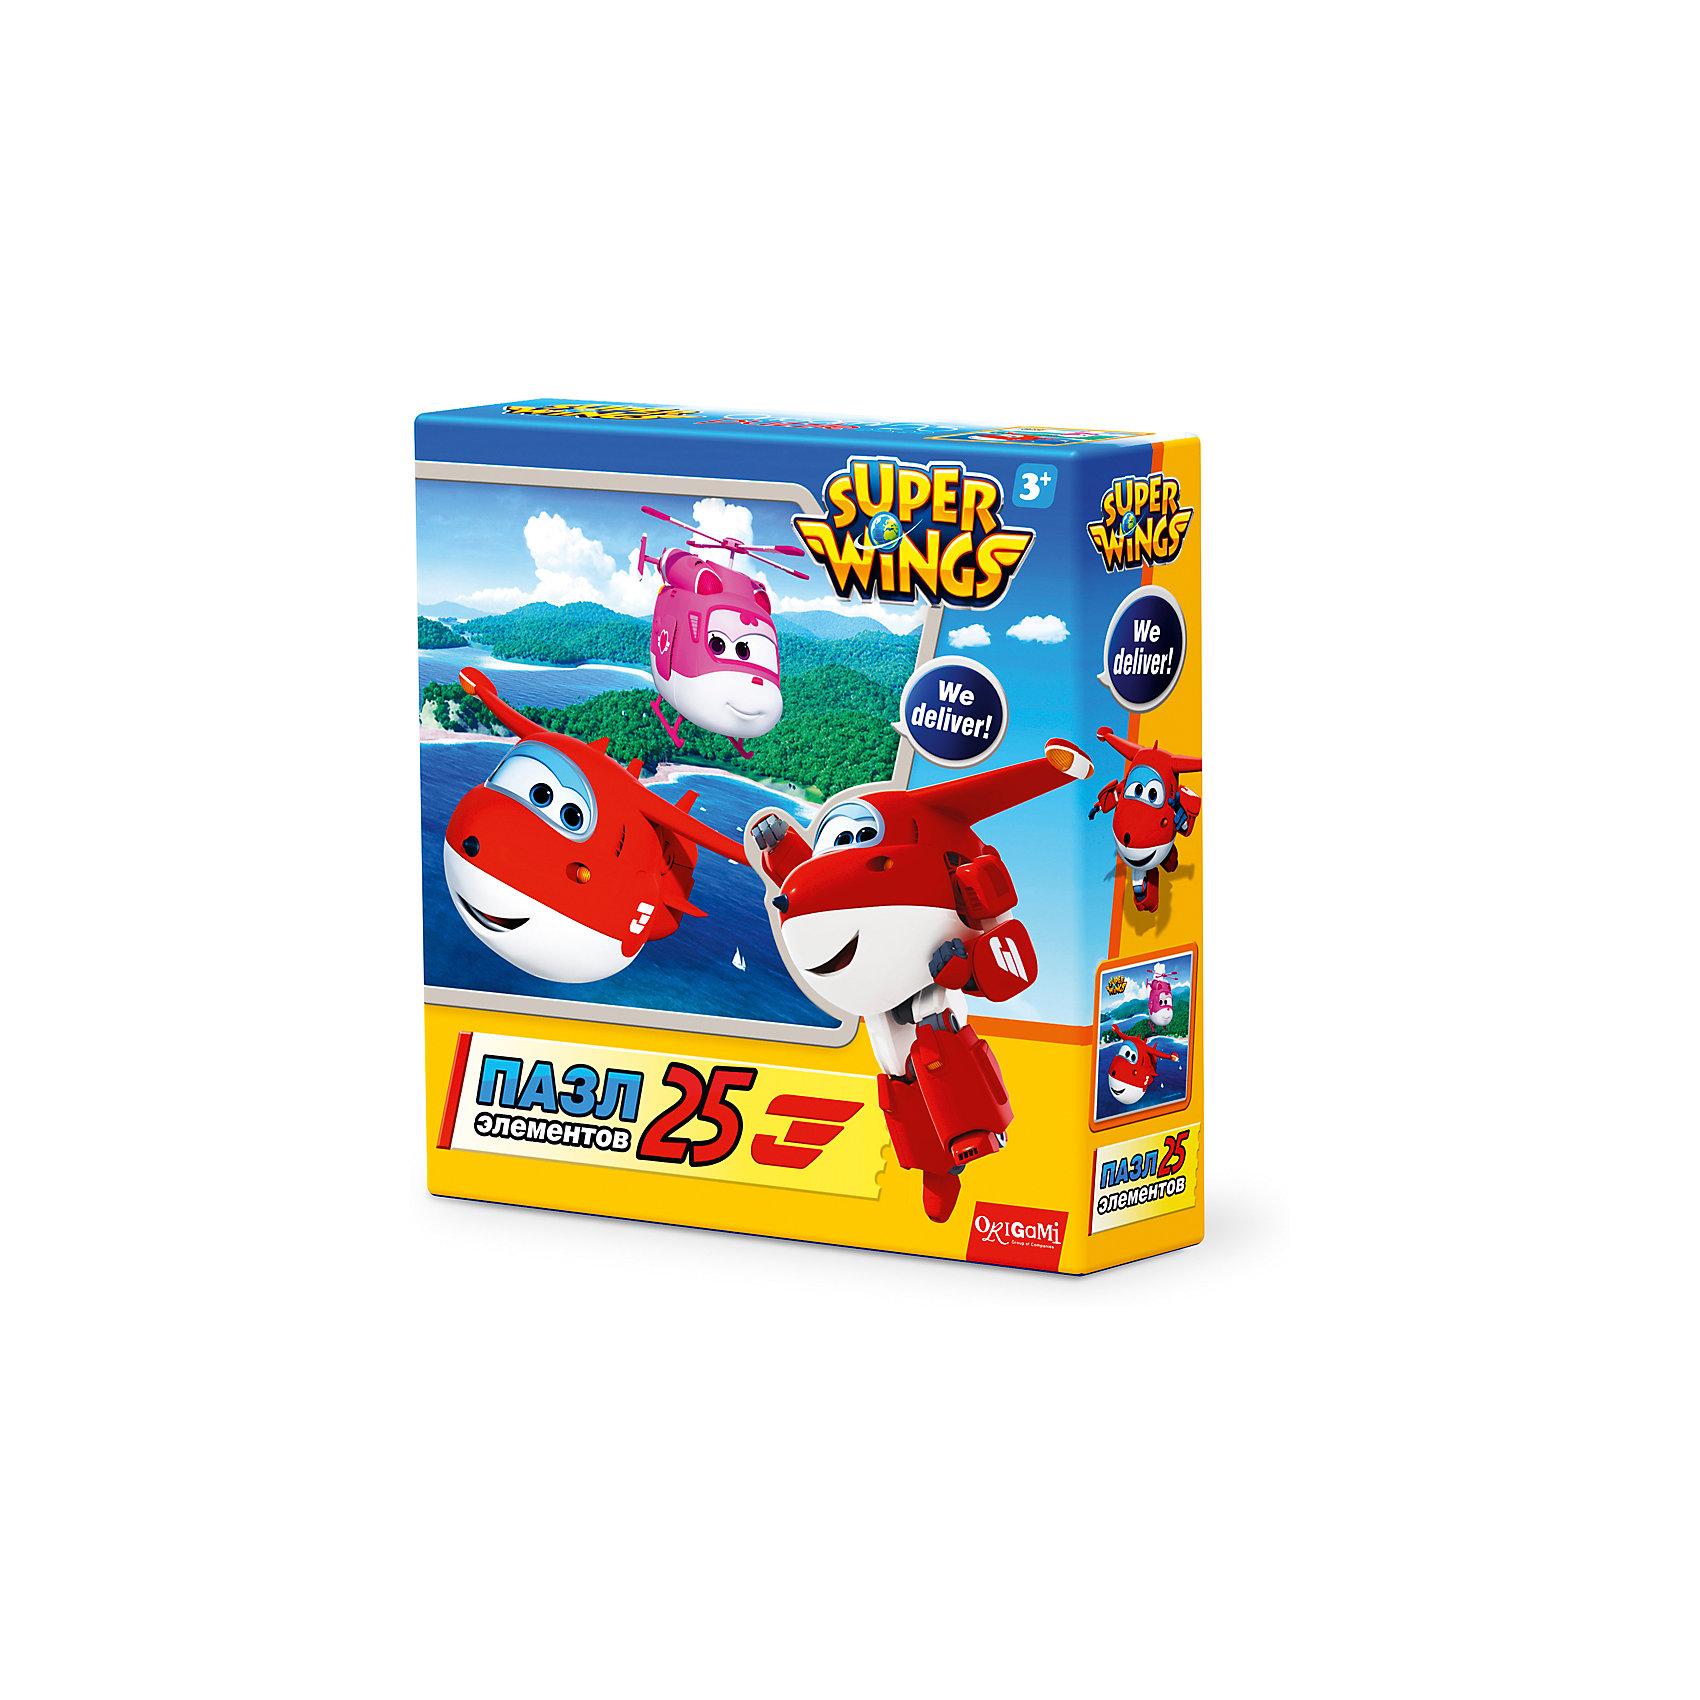 Пазл На островах, Super Wings, OrigamiПазлы для малышей<br>Пазл На островах, Super Wings, Origami<br><br>Характеристики:<br><br>• Количество деталей: 25 шт.<br>• Размер упаковки: 15х4,5х15 см.<br>• Размер готовой картинки: 21х21 см.<br>• Состав: картон<br>• Вес: 100 г.<br>• Для детей в возрасте: от 3 лет<br>• Страна производитель: Россия<br><br>Лицензионный пазл с оригинальным дизайном соответствует высоким стандартам, которые подтверждены сертификатами качества. Пазл отлично собирается, благодаря чётким разделениям частей по цвету сборка этого пазла не будет сложной. Закончив сборку вы можете склеить кусочки превратив пазл в красивую картину, или можете разобрать его и снова собрать позже.<br><br>Пазл На островах, Super Wings, Origami можно купить в нашем интернет-магазине.<br><br>Ширина мм: 150<br>Глубина мм: 45<br>Высота мм: 150<br>Вес г: 100<br>Возраст от месяцев: 36<br>Возраст до месяцев: 72<br>Пол: Унисекс<br>Возраст: Детский<br>SKU: 5528428